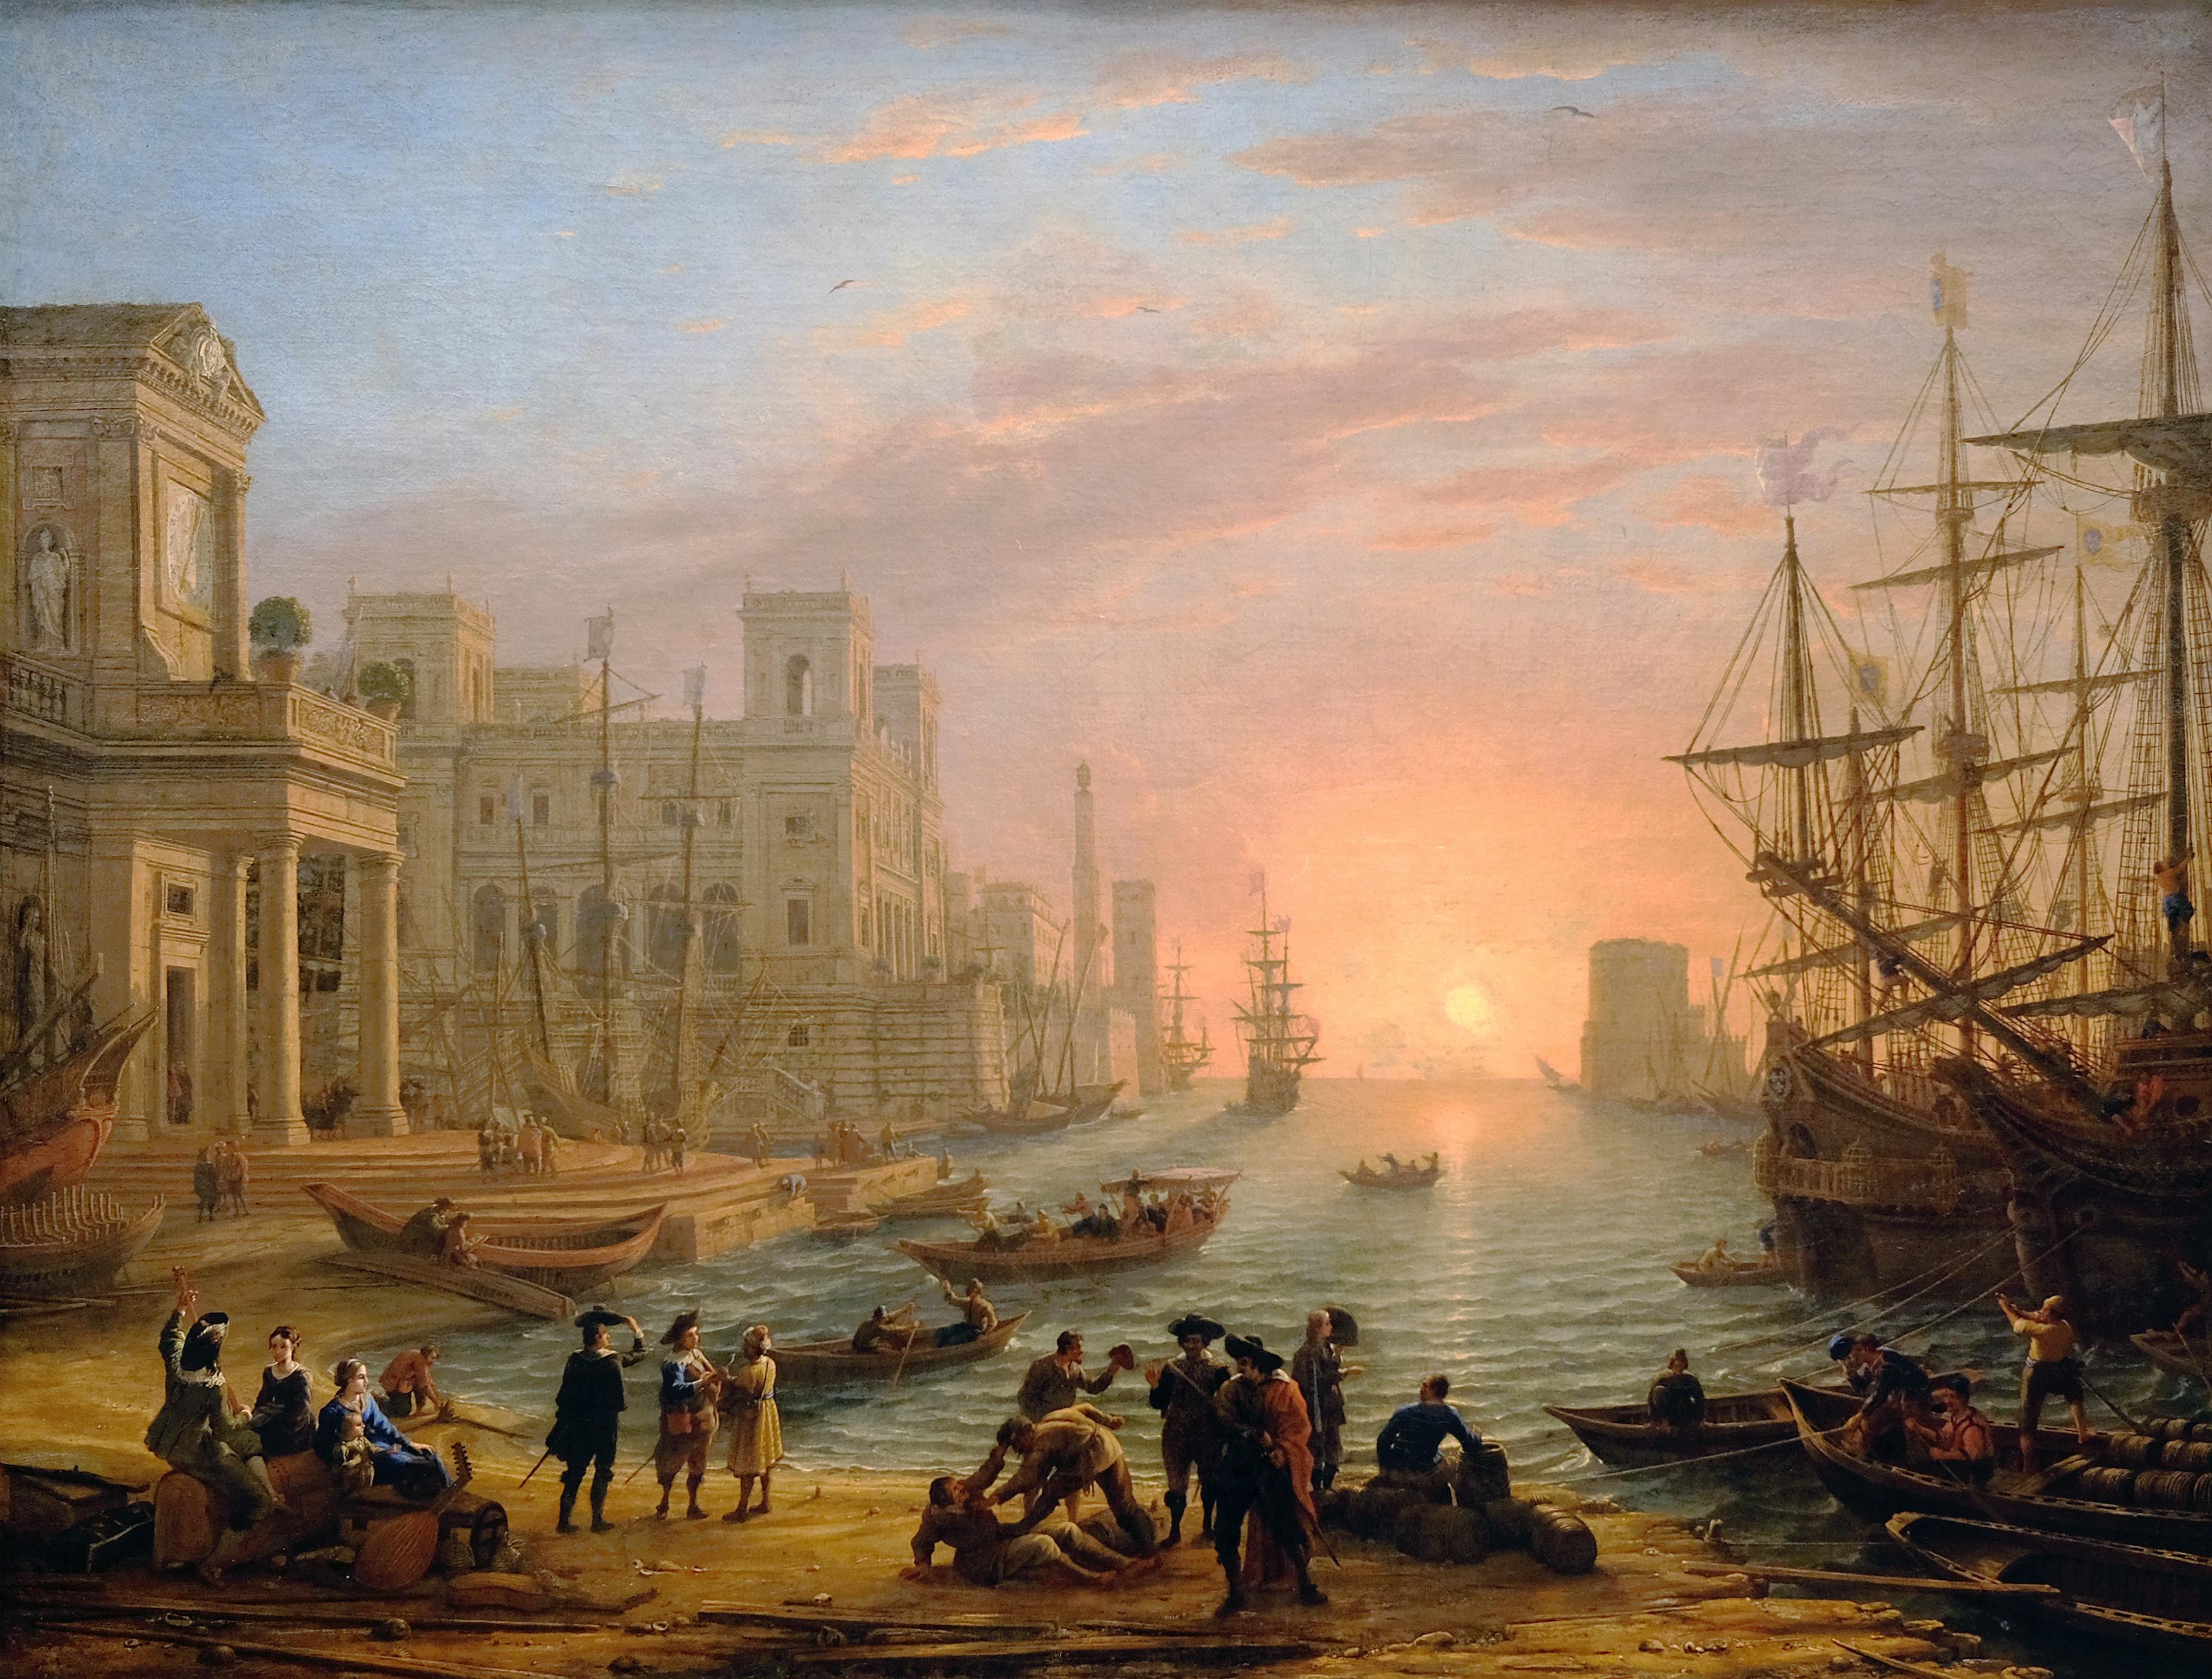 Port de mer au soleil couchant (Seaport at Sunset) by Claude Lorraine, 1639.